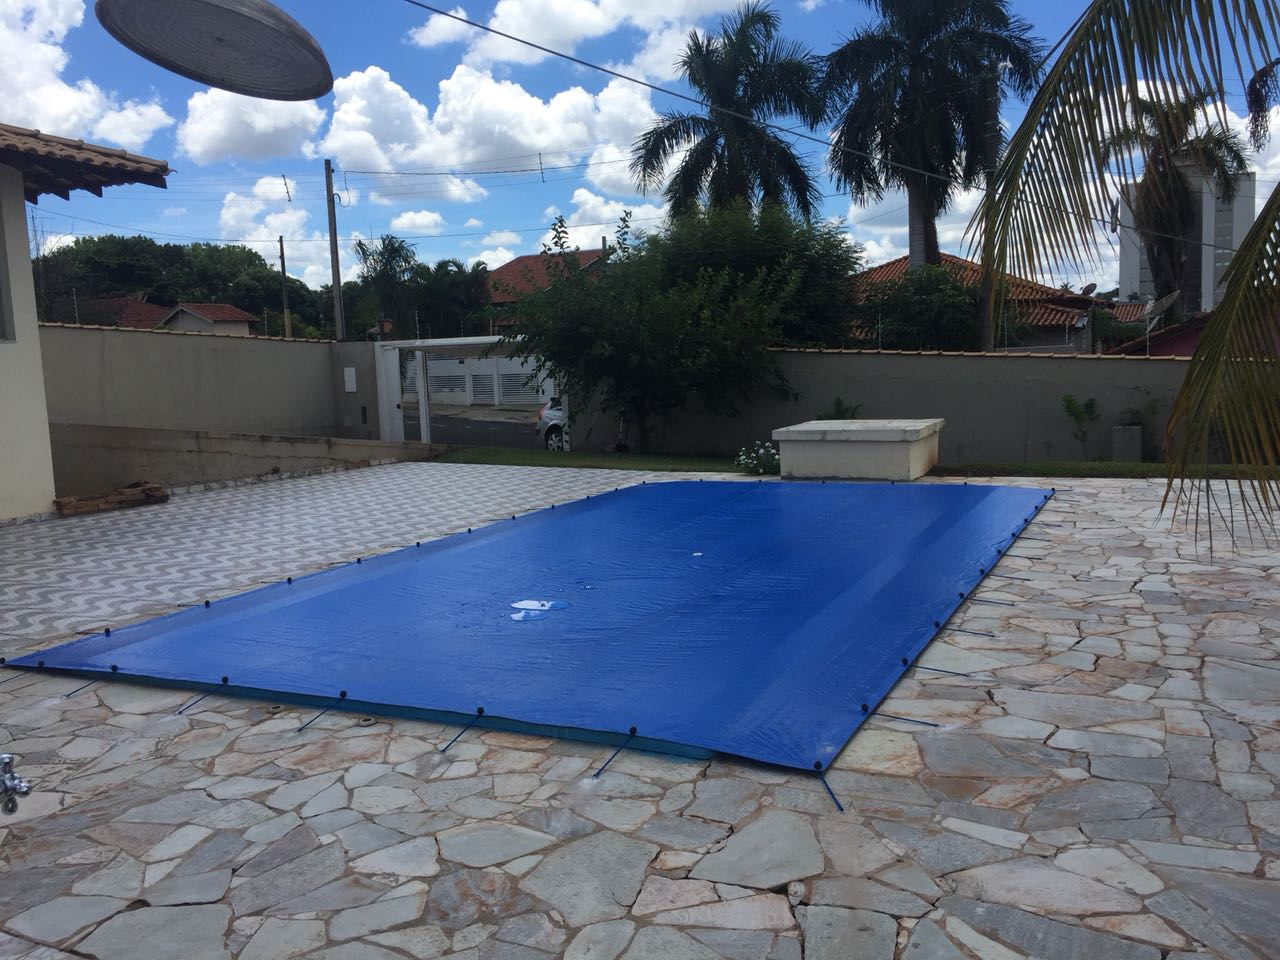 Capa para Piscina Proteção Azul 300 Micras - 4,5x2,5